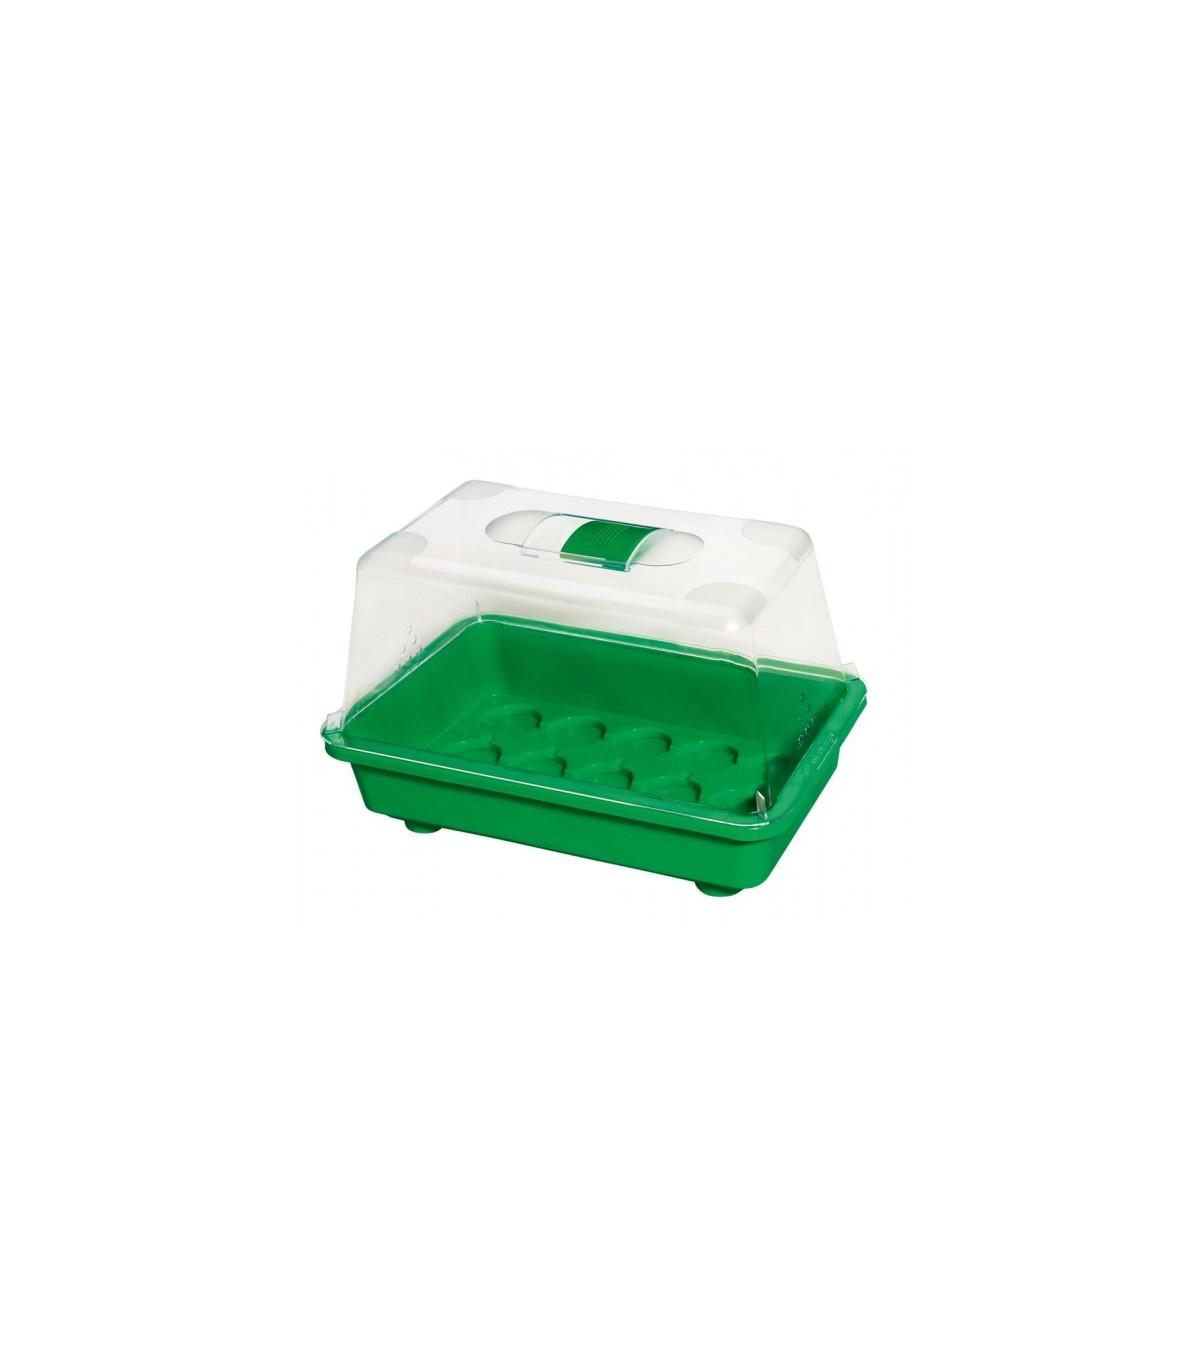 Miniskleník s ventiláciou - 29 x 19 x 19 cm - Nino - pevný miniskleník - 1 ks